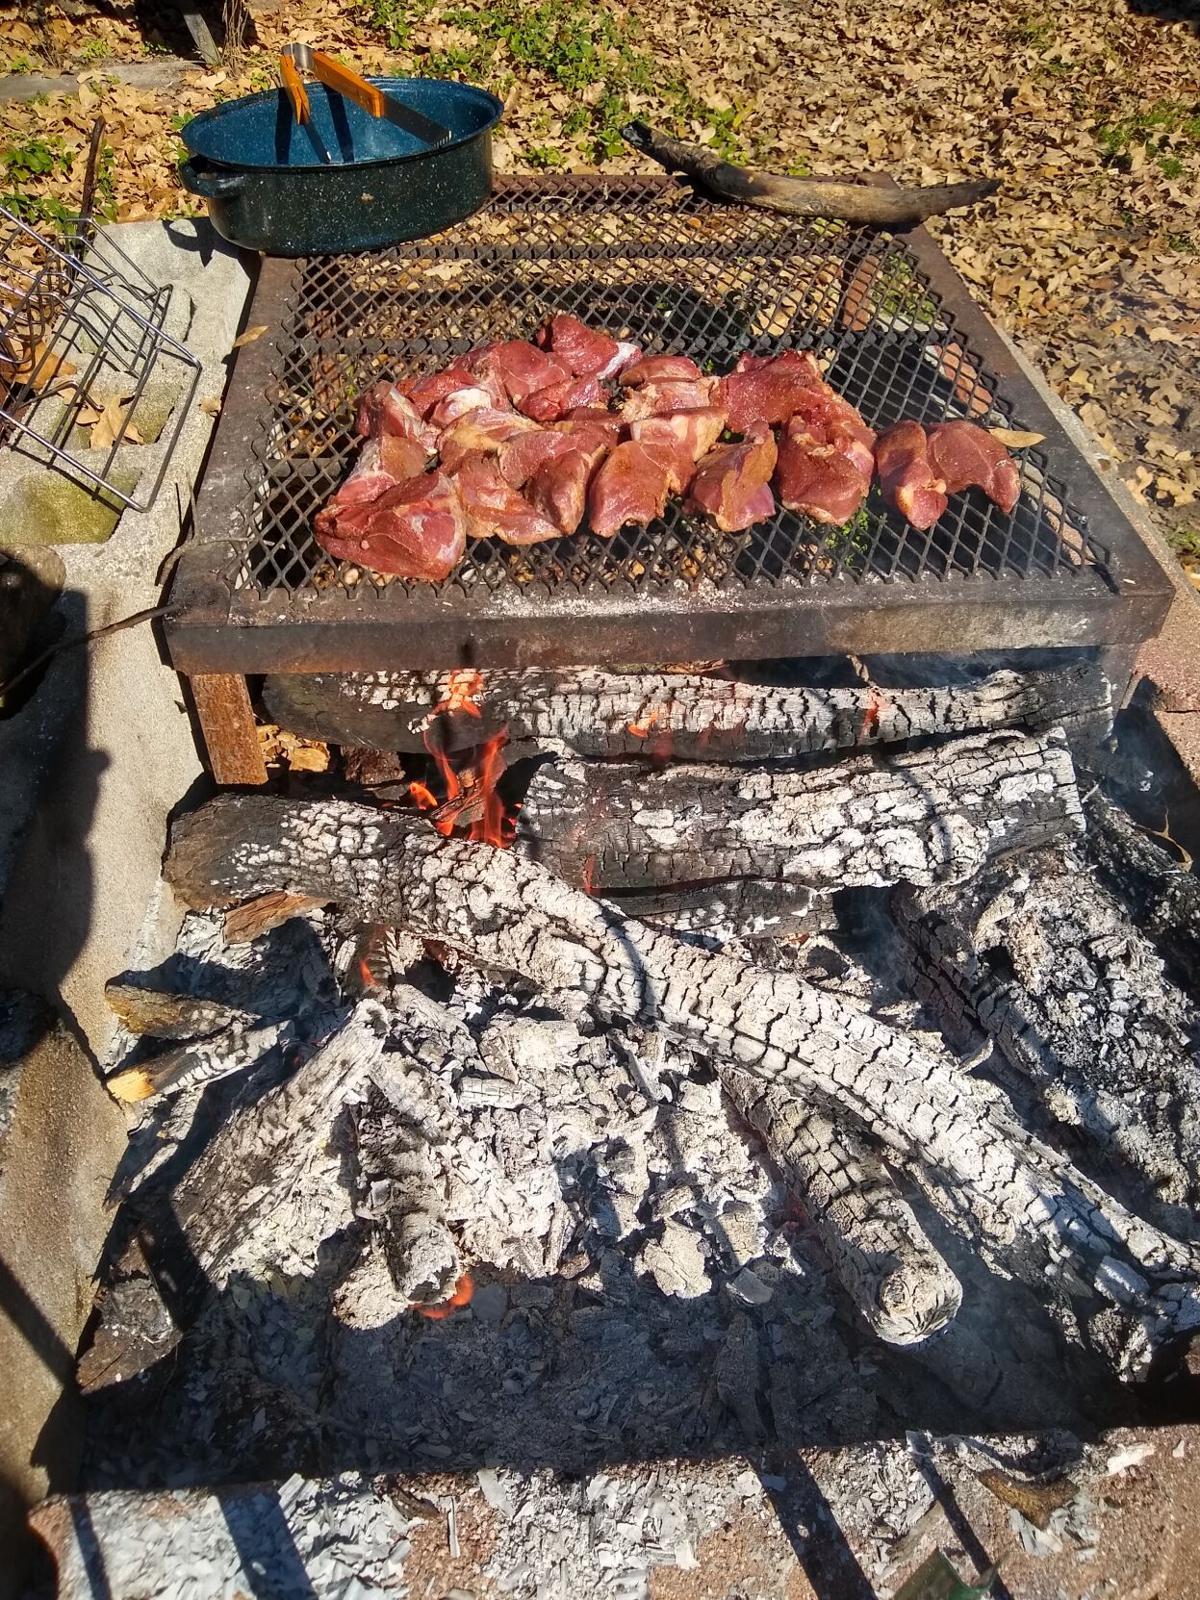 WILD PORK COOKING OVER COALS.jpg